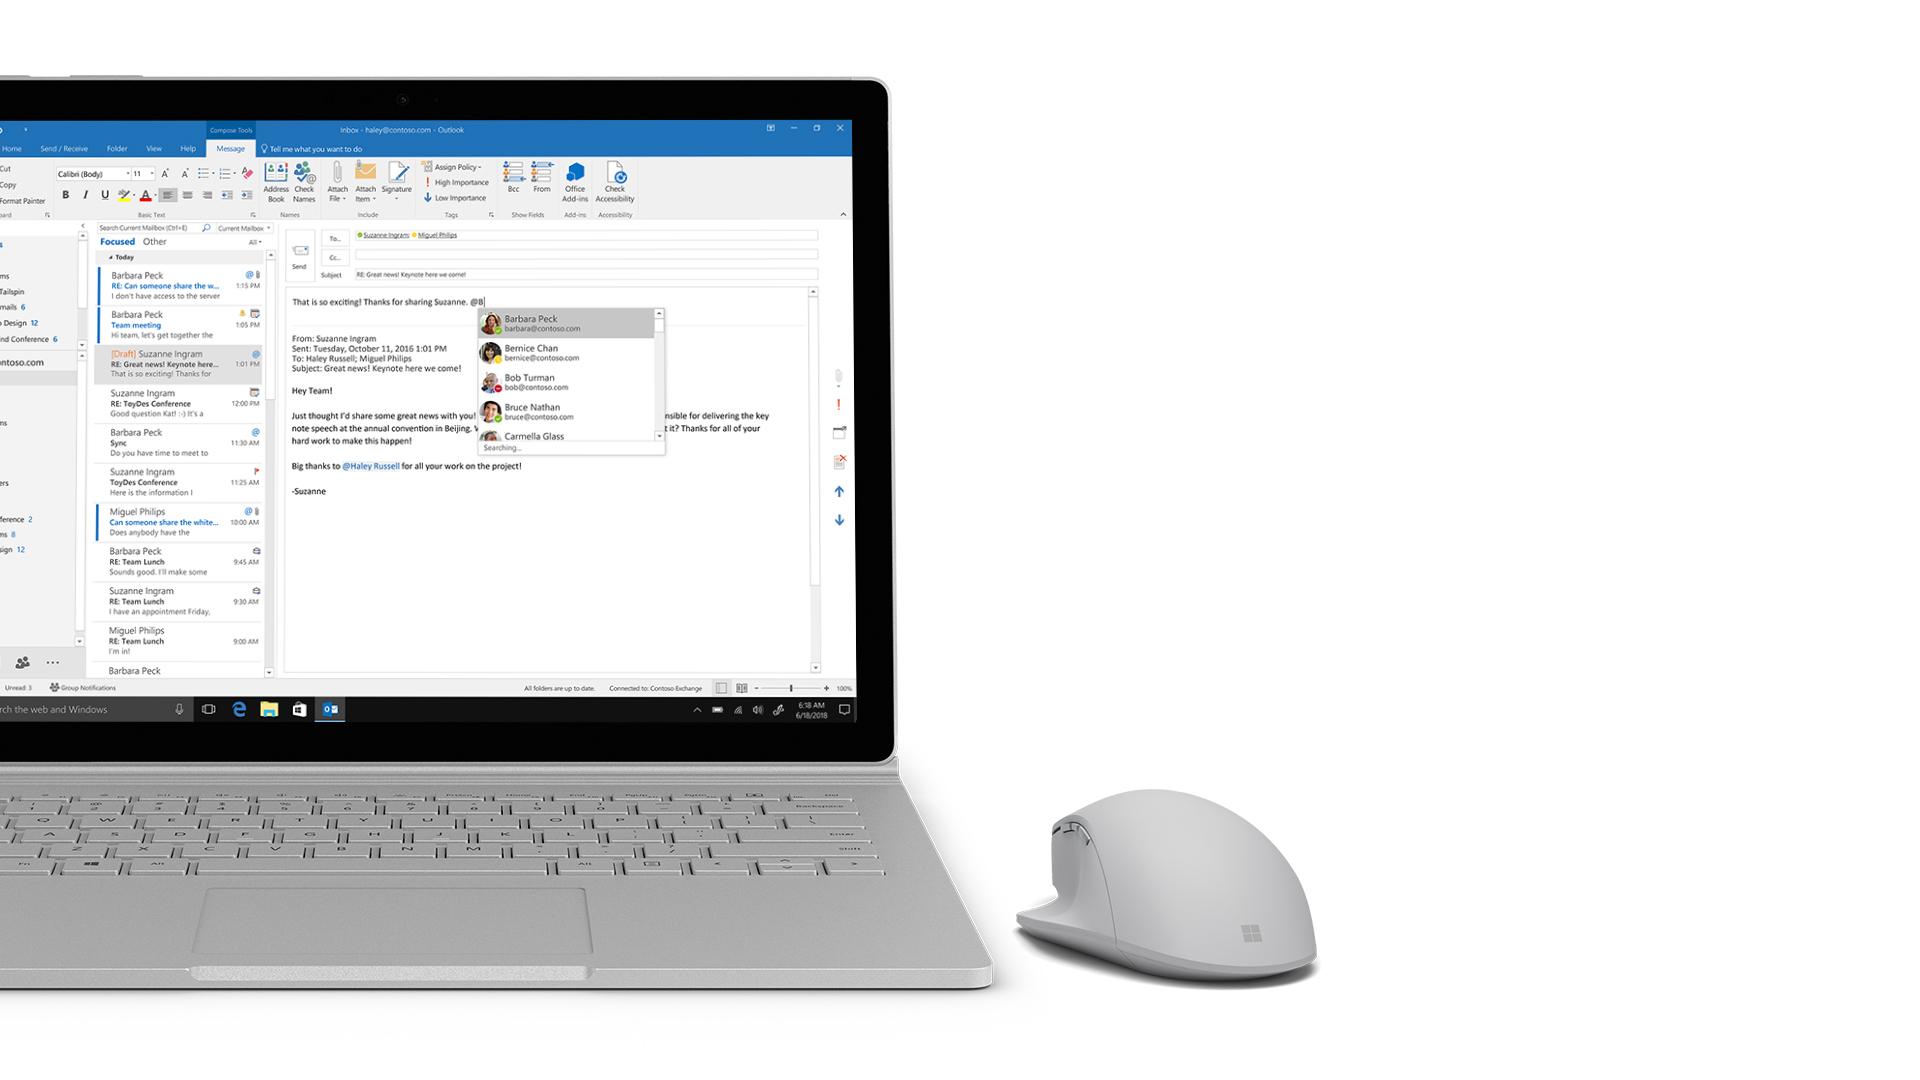 Skärmbild av Outlook på Surface.